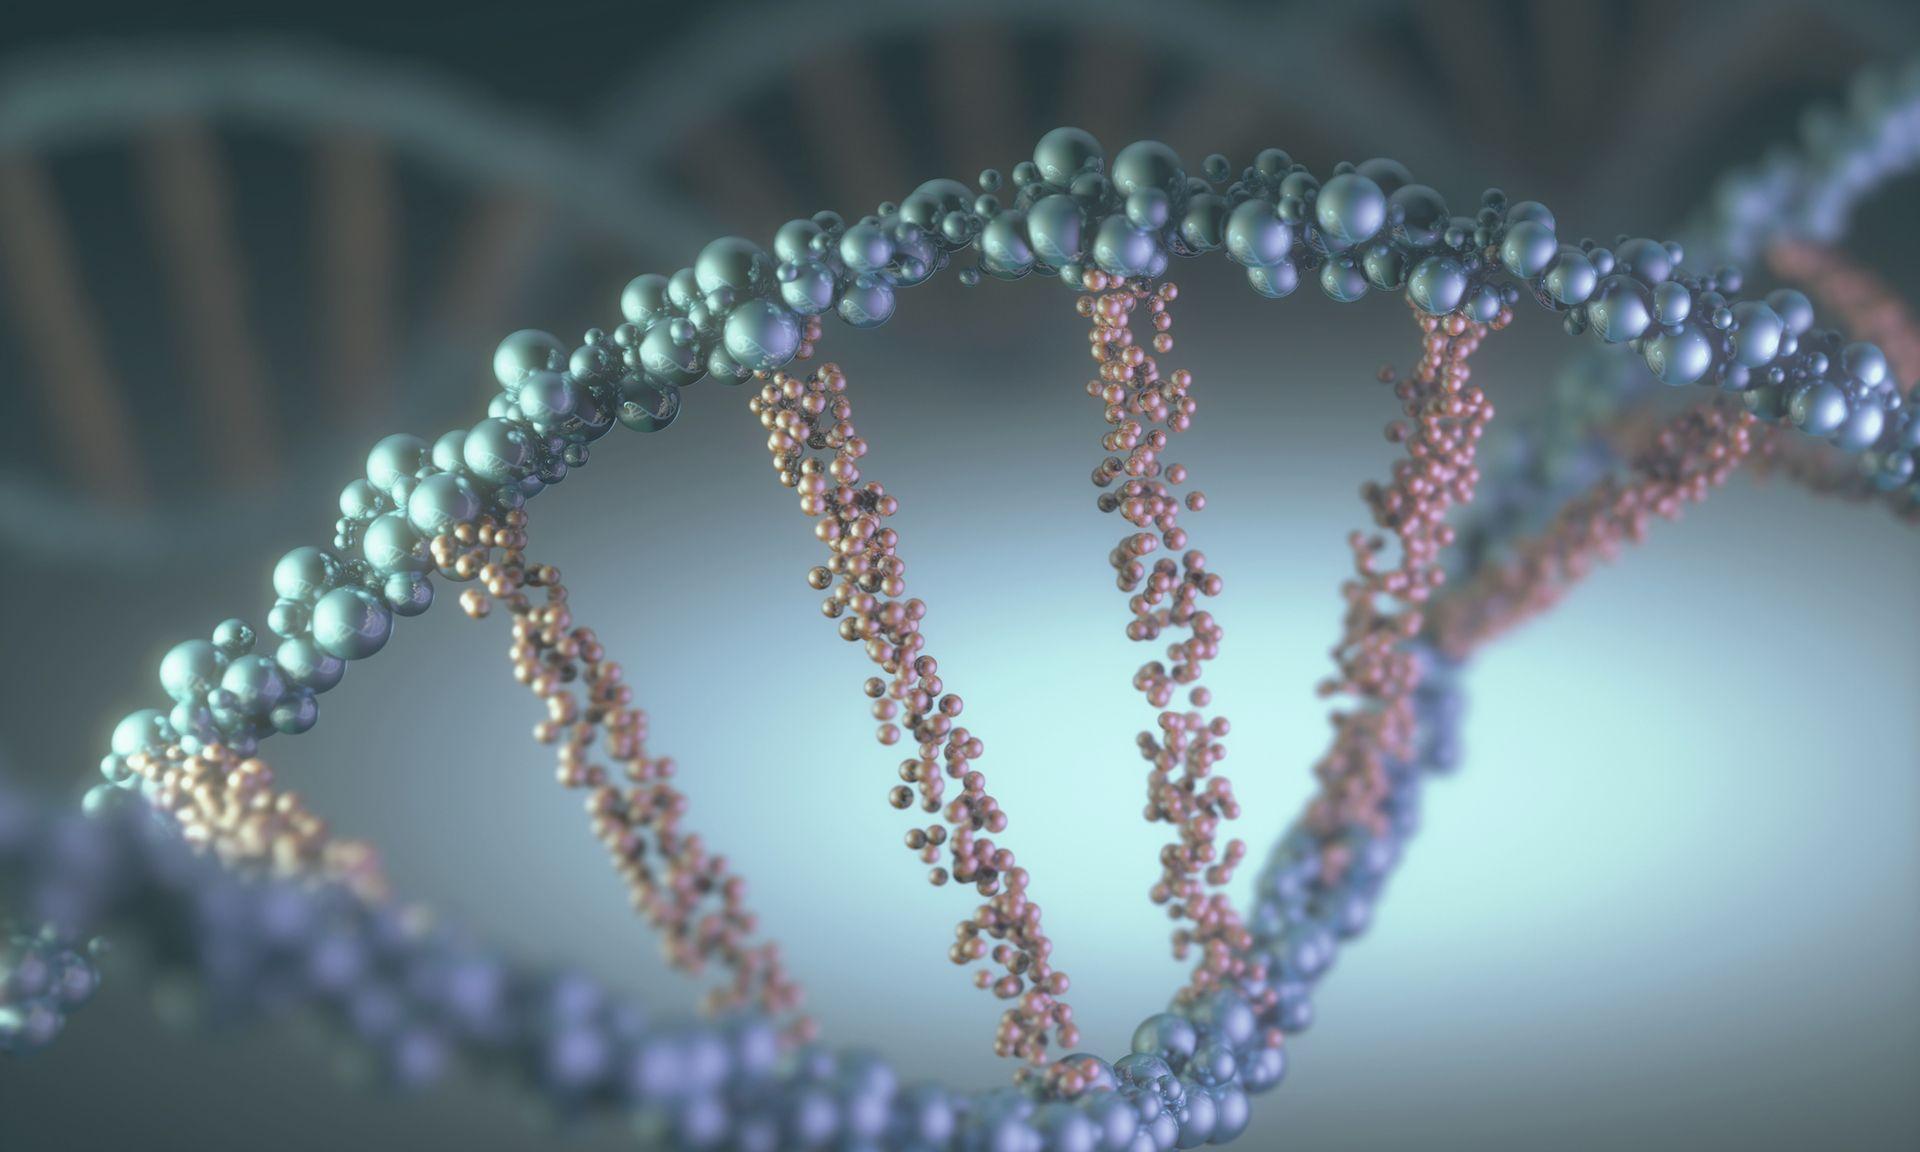 Новость о перспективах создания неуязвимых человеческих клеток